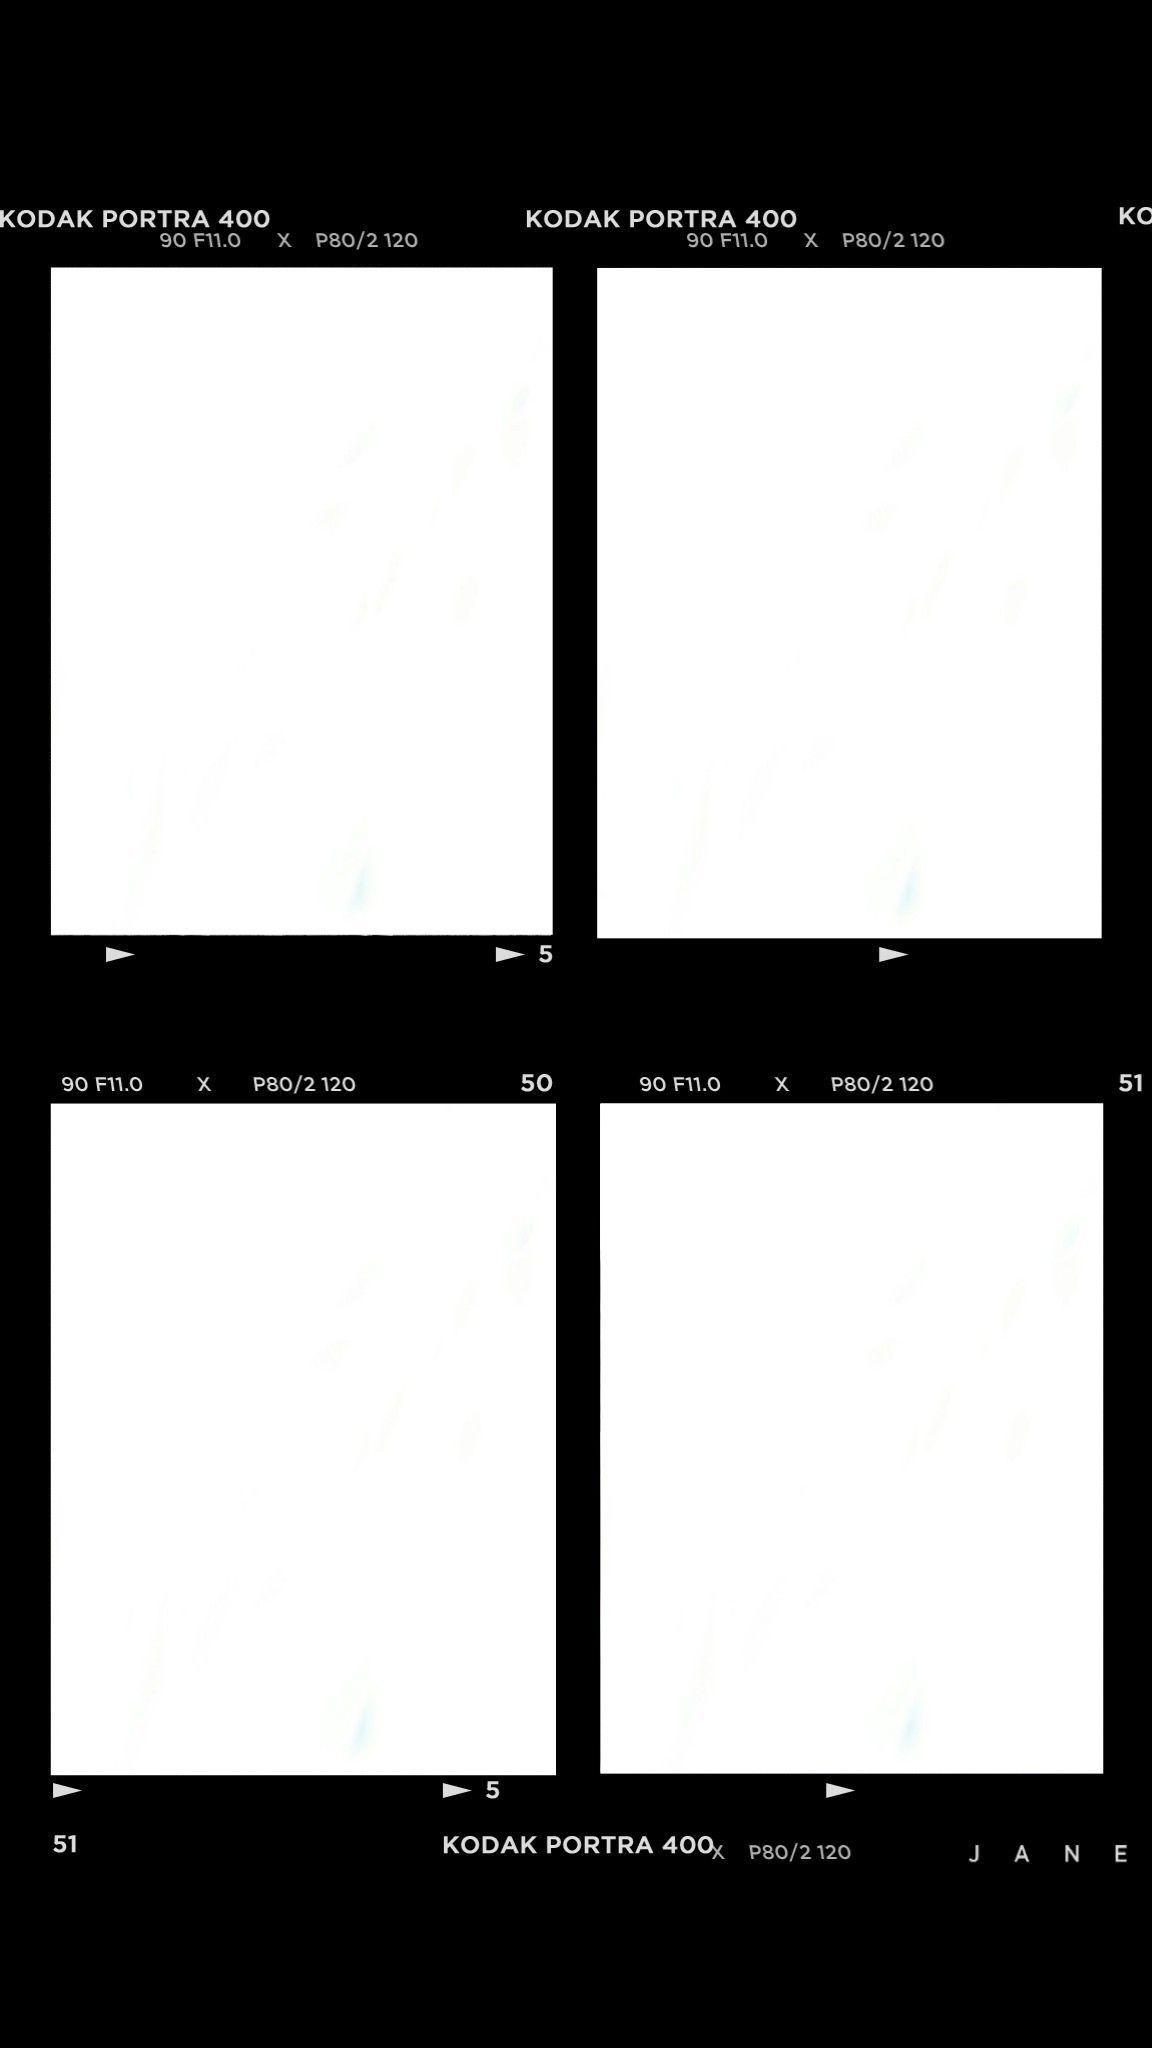 #Frame #InstagramWallpaper #TumblrWallpaper #LockScreen#Frame #InstagramWallpape...#frame #instagramwallpape #instagramwallpaper #lockscreenframe #tumblrwallpaper